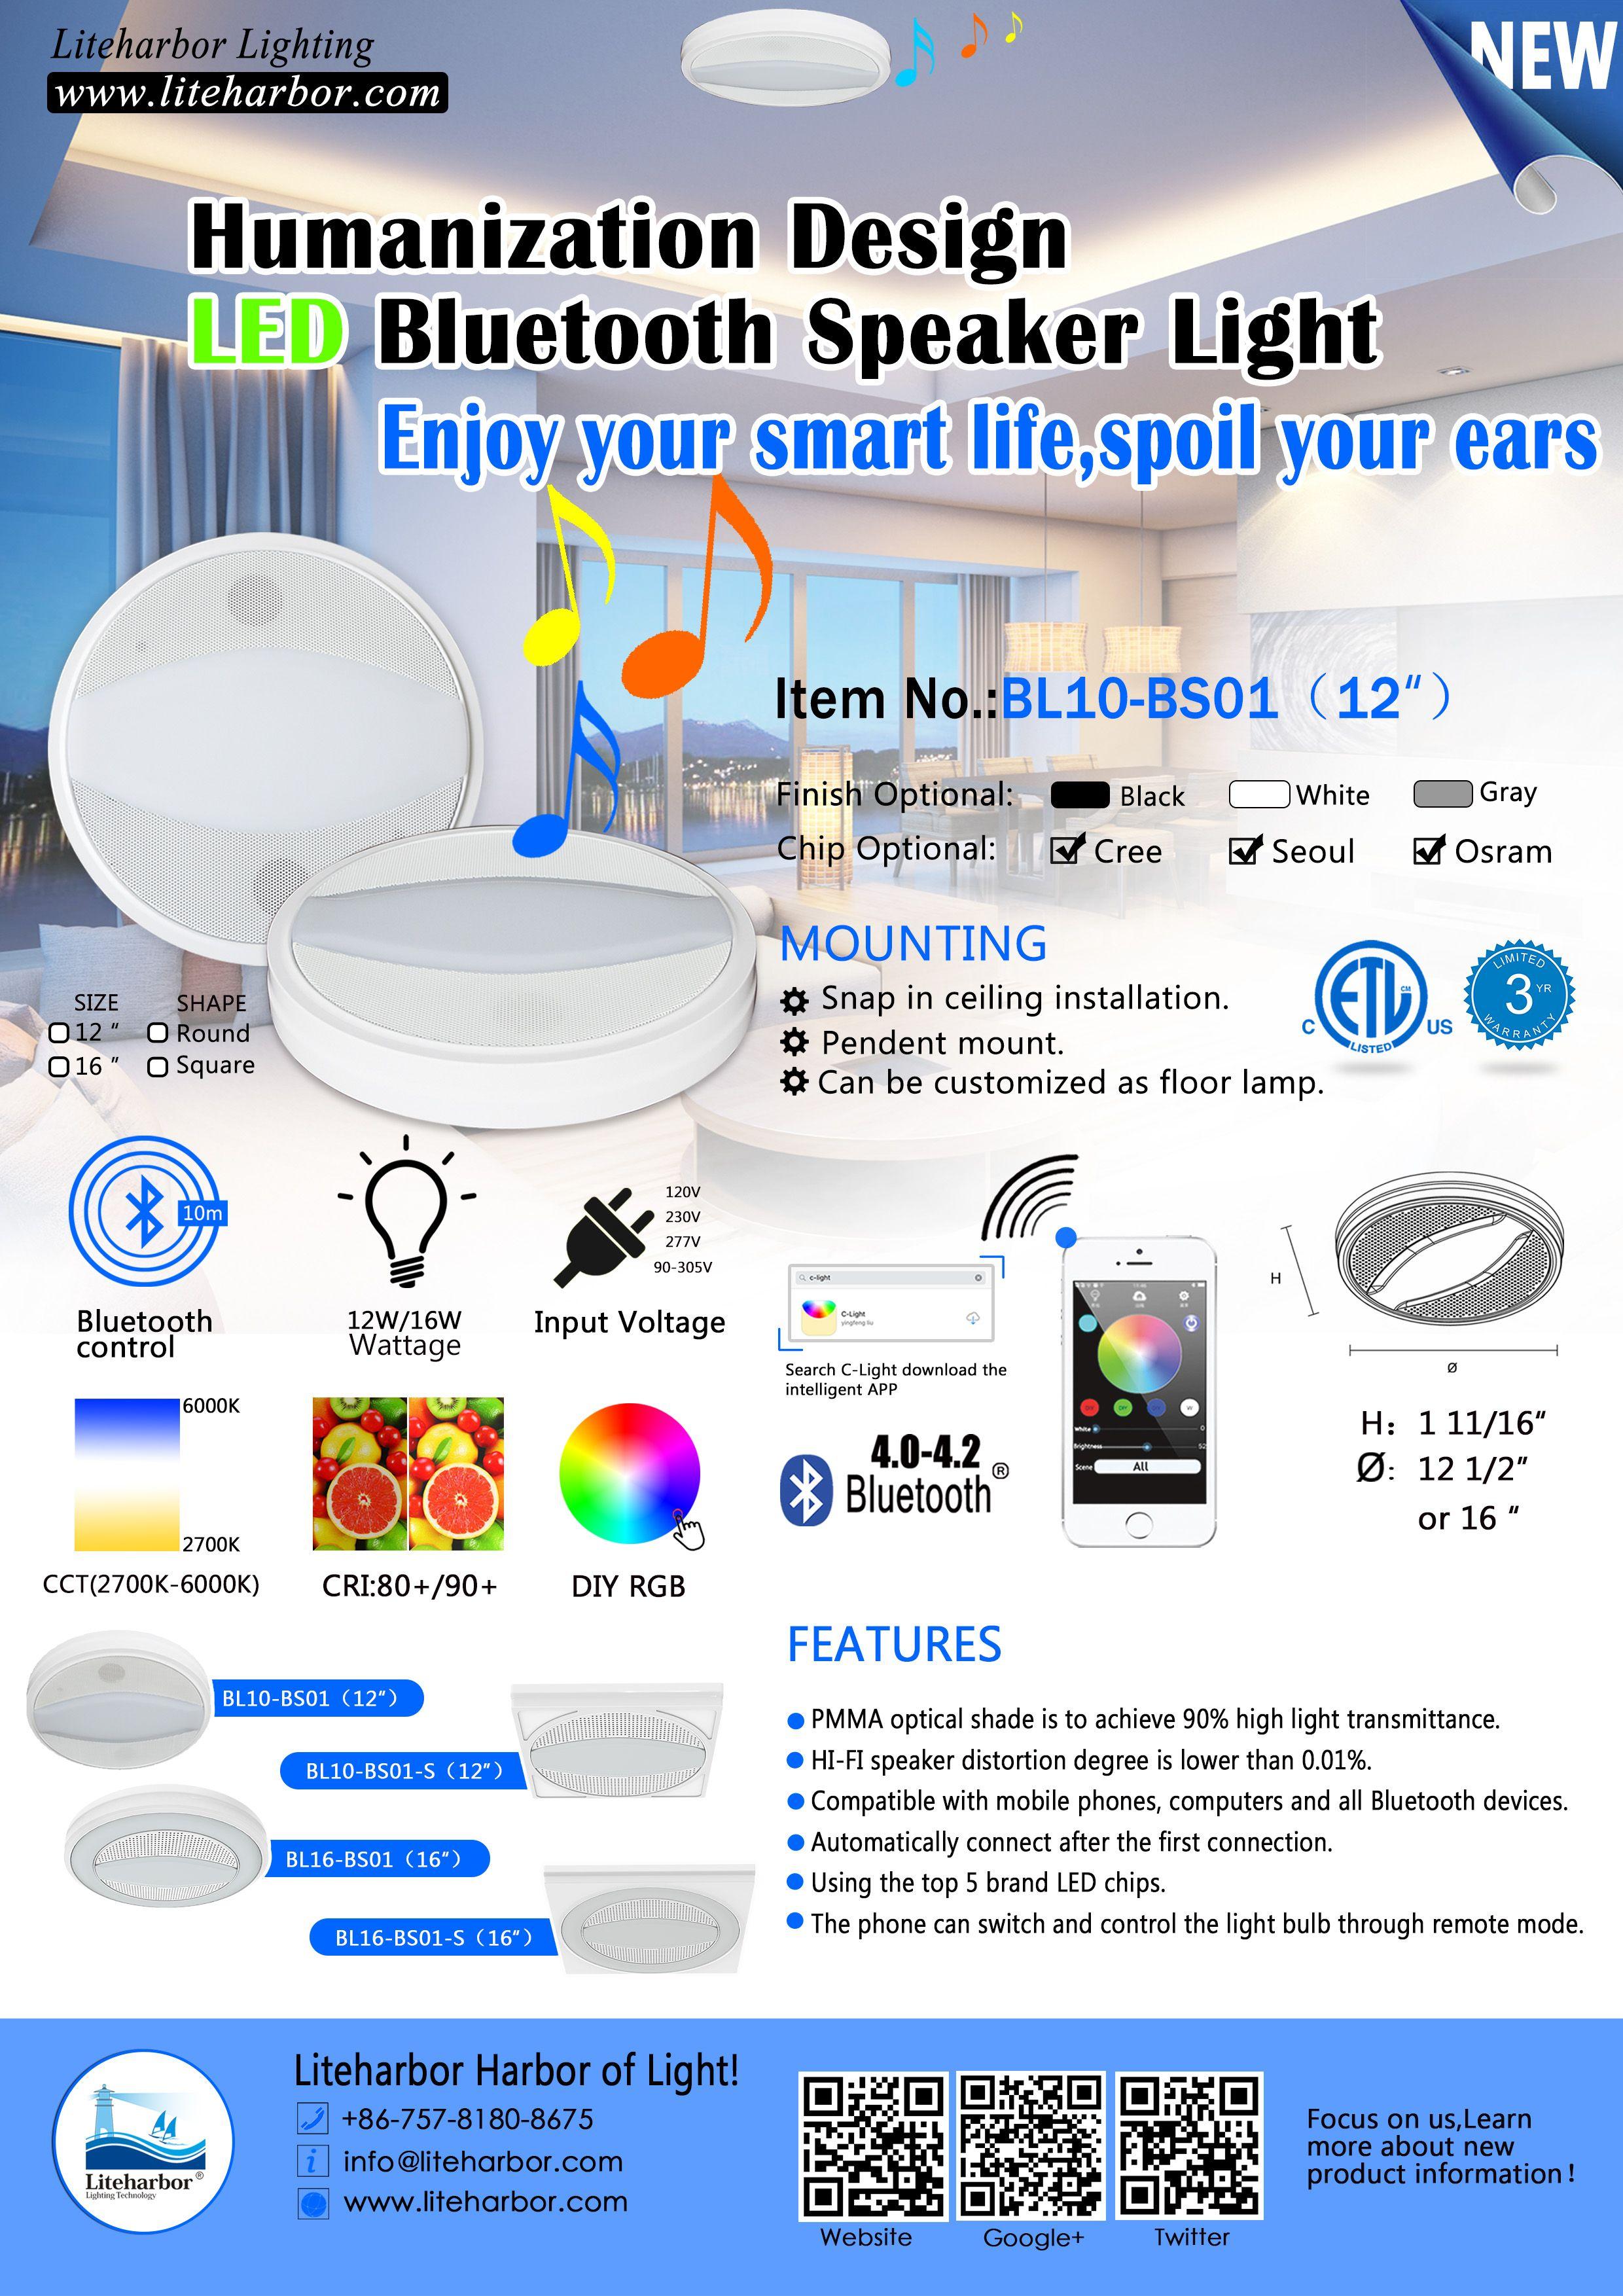 Liteharbor factory ceiling led bluetooth speaker light